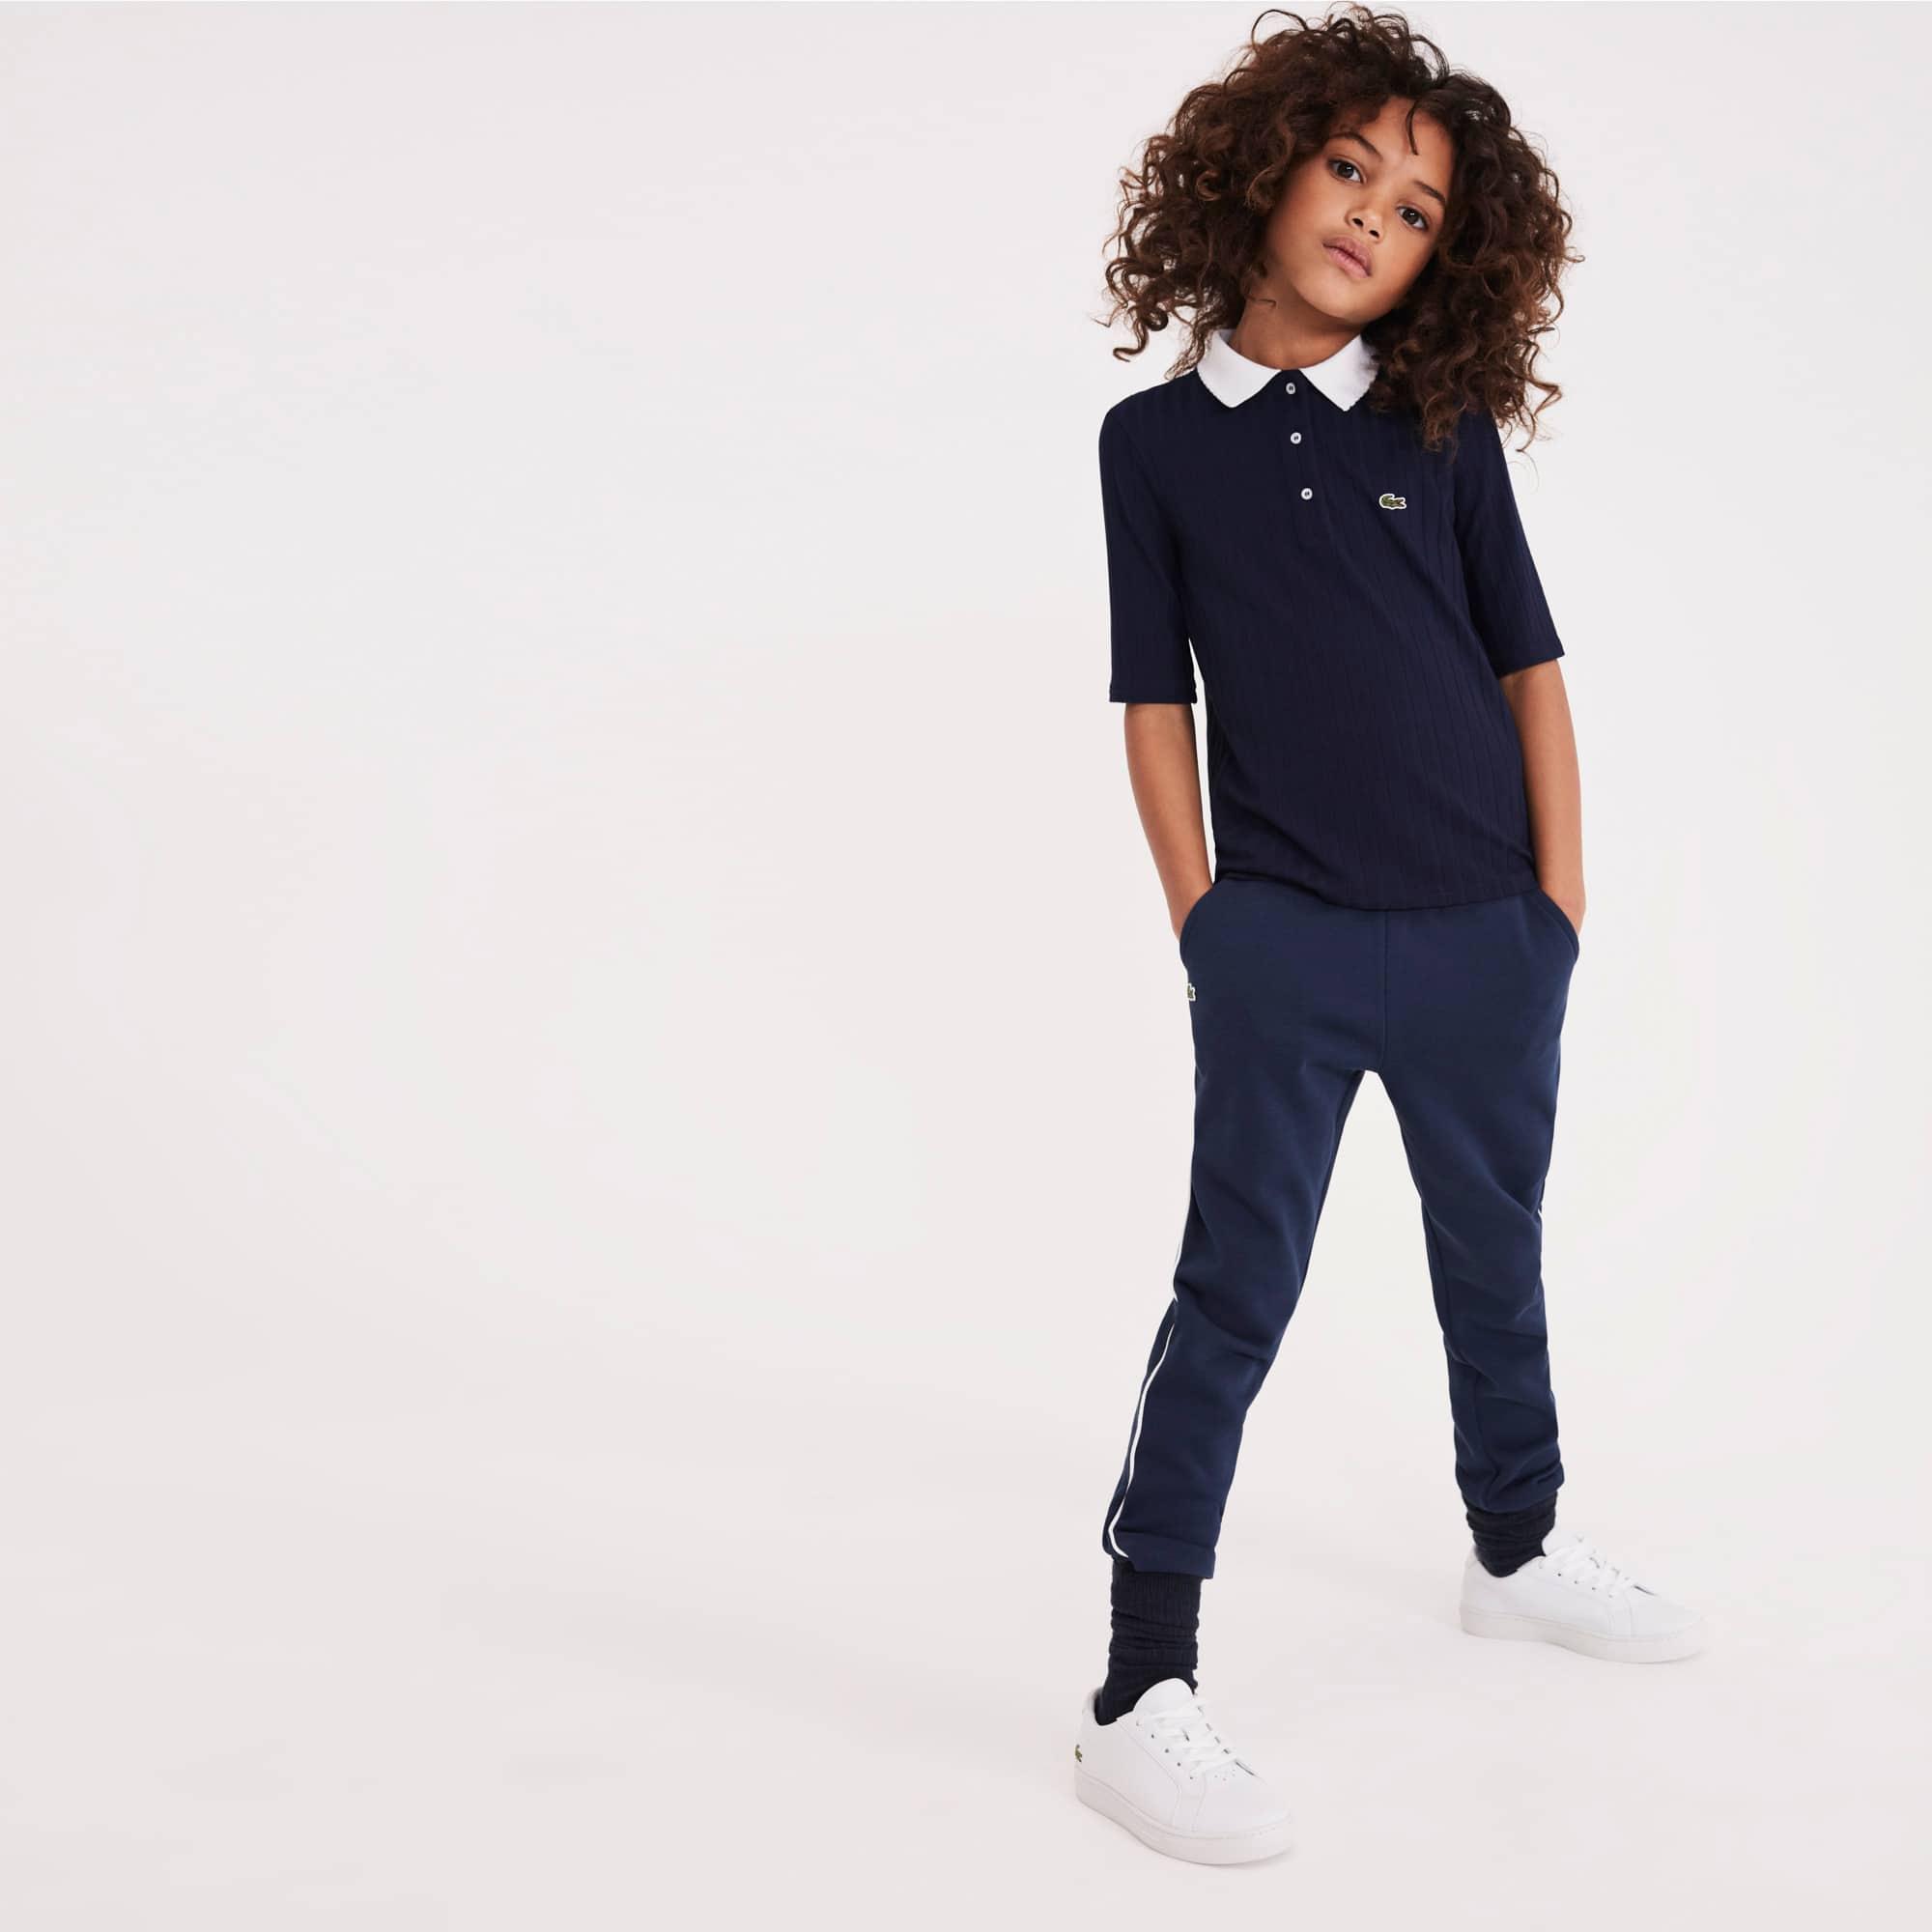 Mädchen LACOSTE Strick-Poloshirt mit Kontrastkragen